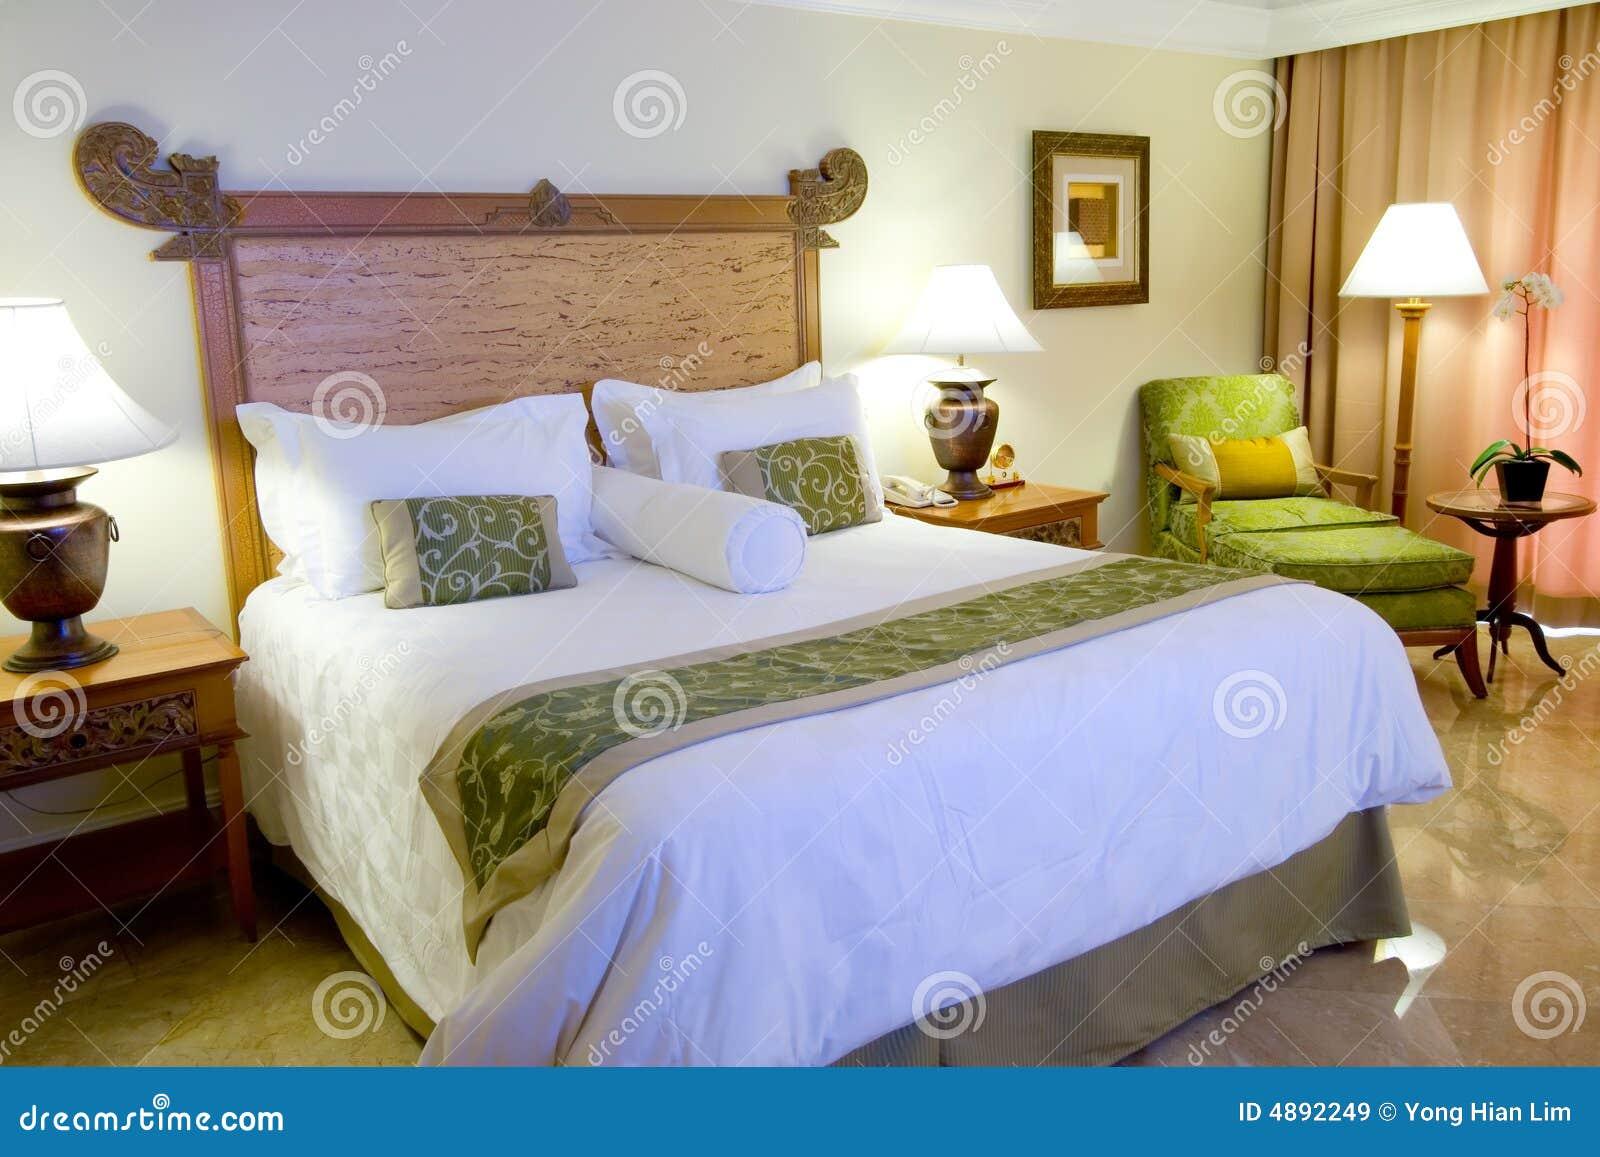 Cama gigante en un cuarto de la habitaci n de hotel for Cama gigantes